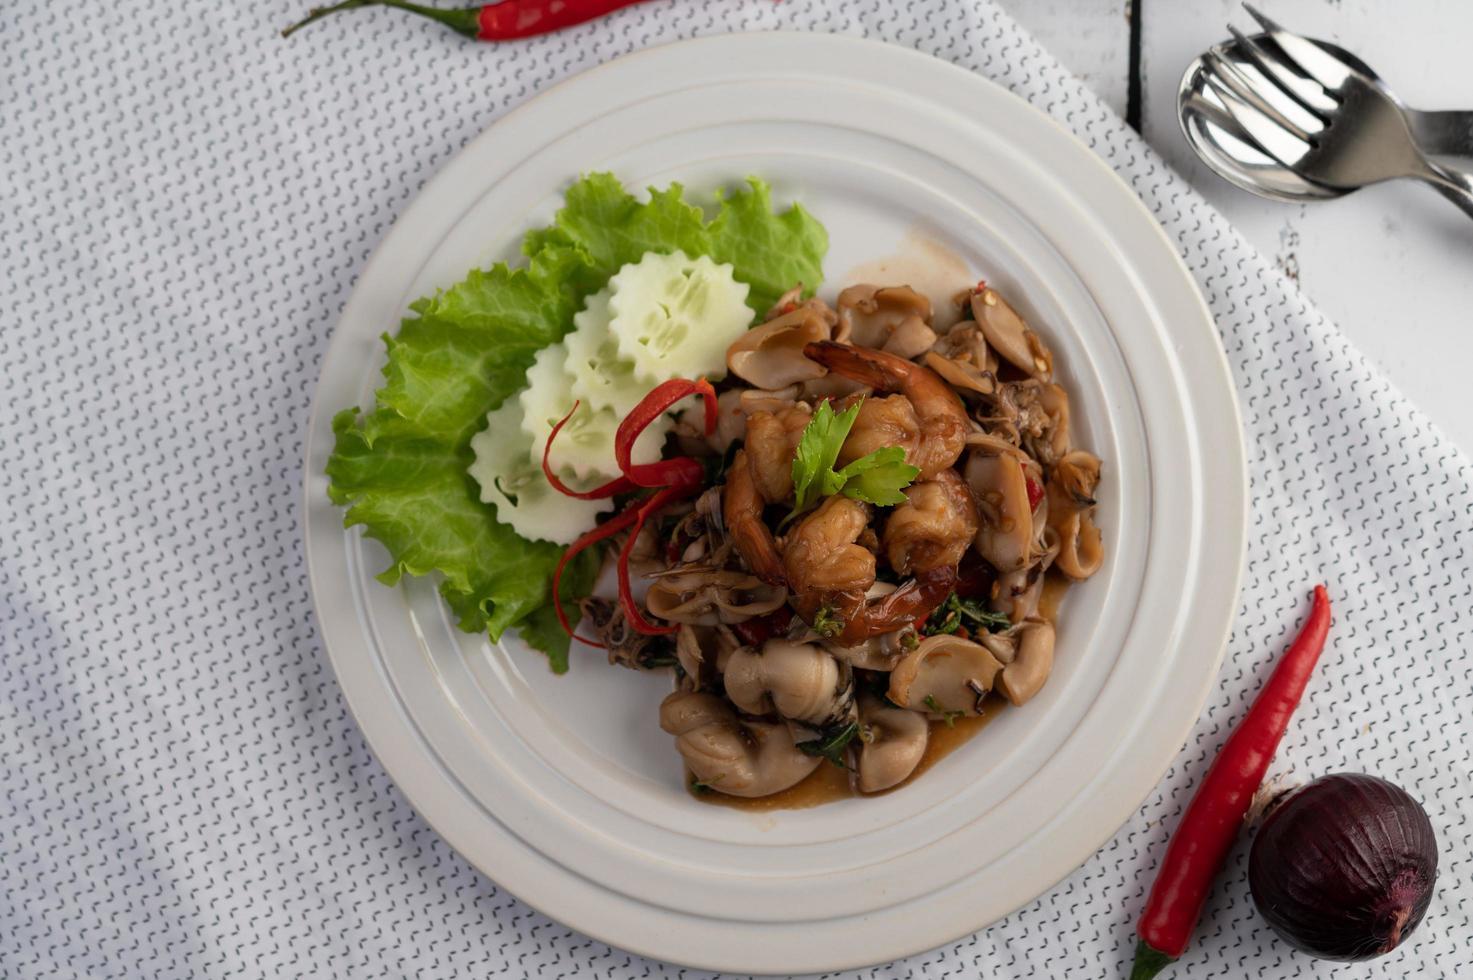 albahaca salteada con calamares y camarones foto